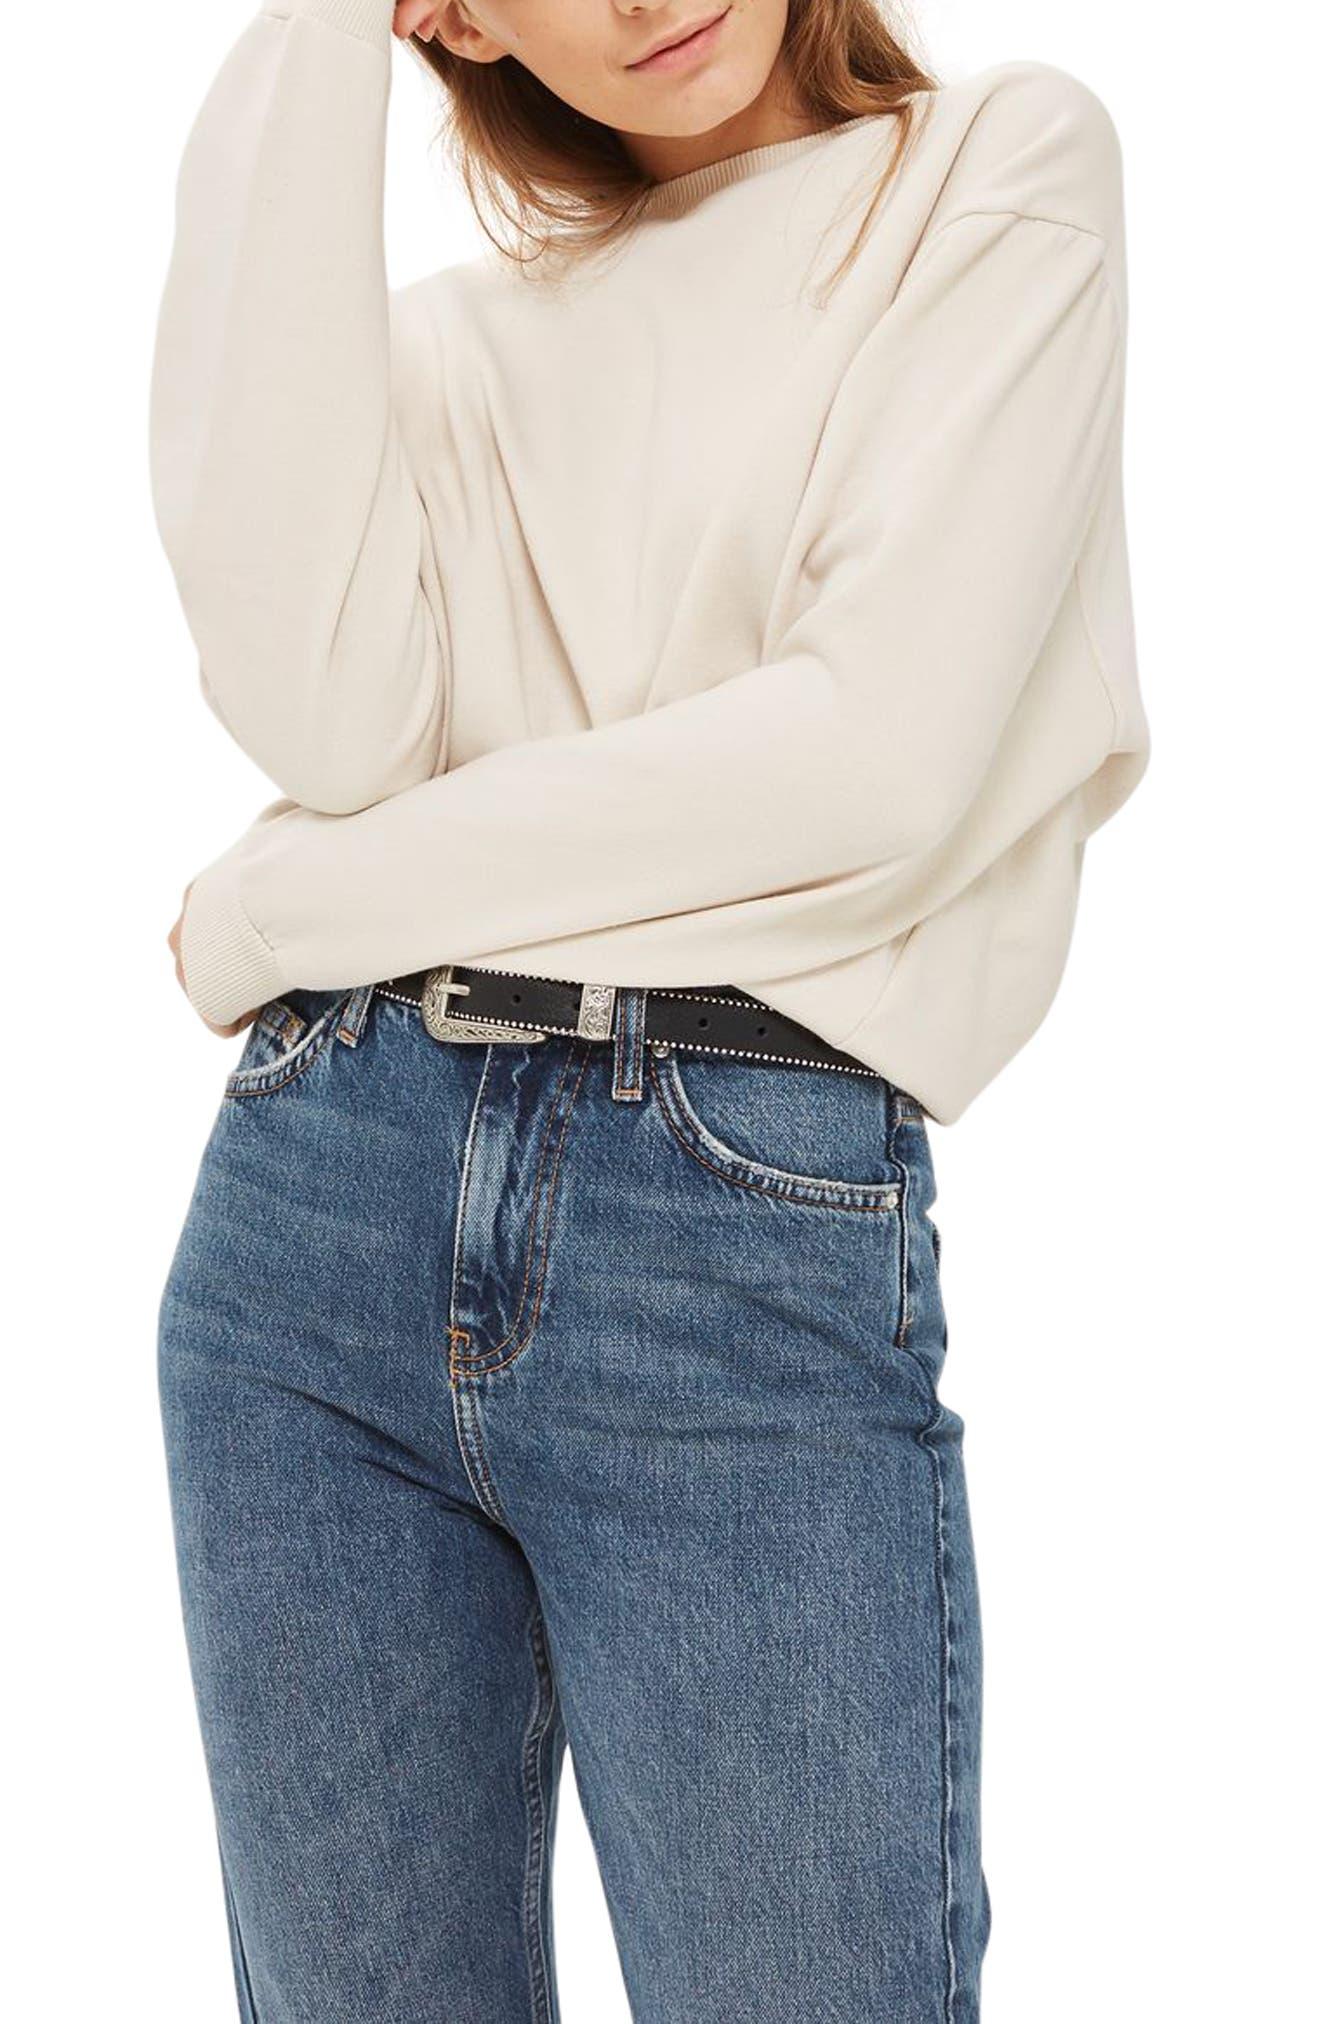 Sloppy Sweatshirt,                         Main,                         color, Grey Marl